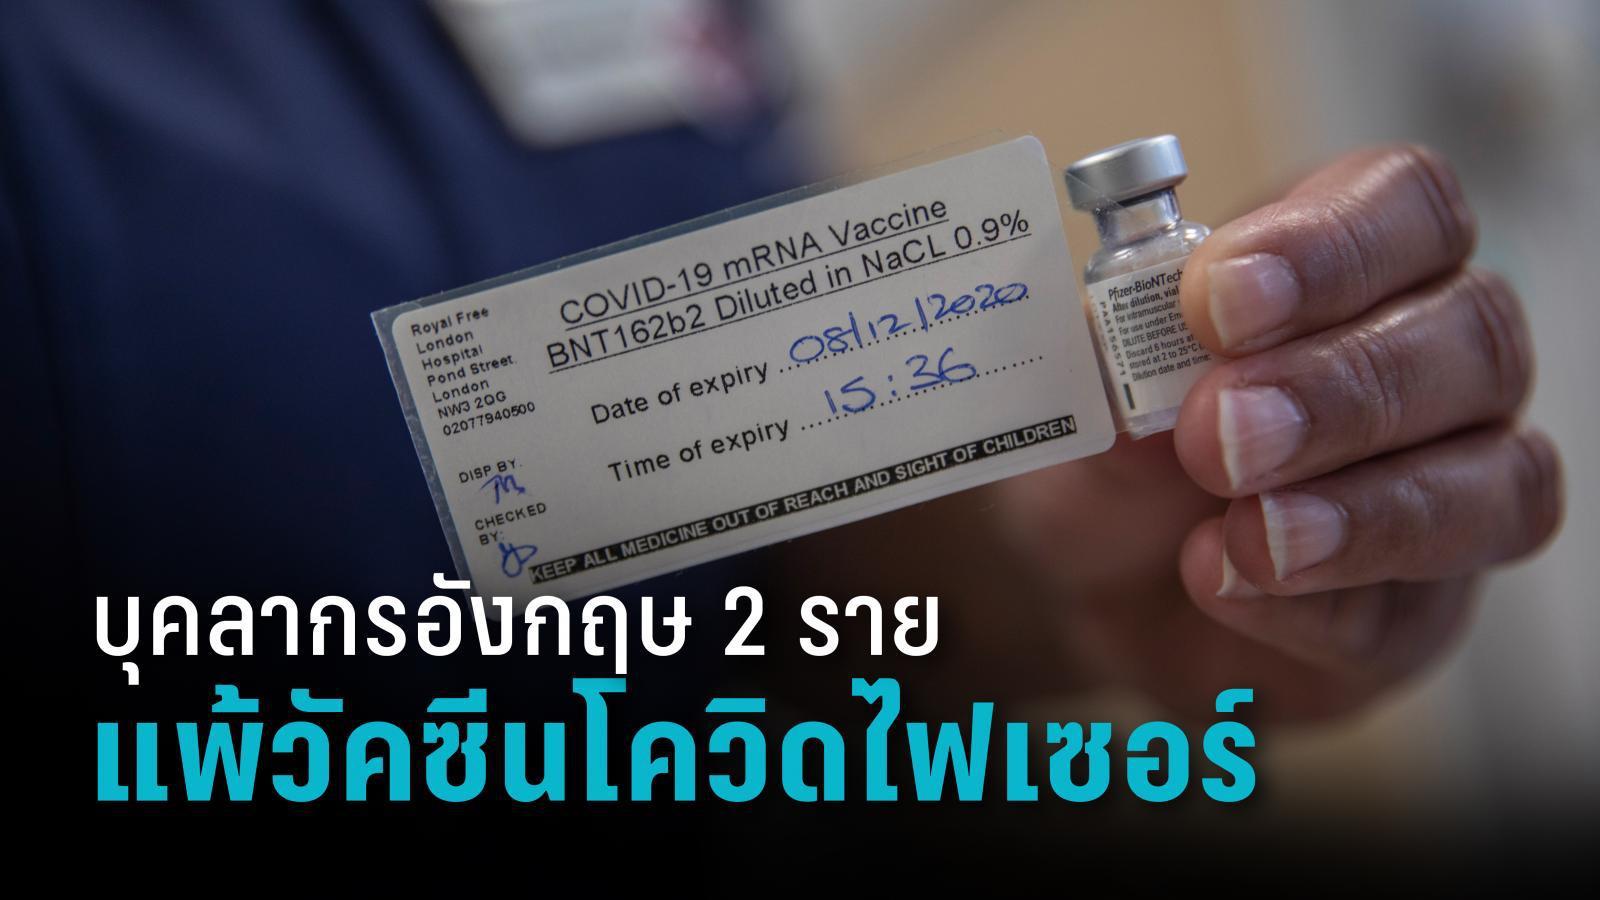 สธ.อังกฤษเตือน ผู้ที่มีประวัติอาการแพ้รุนแรง งดฉีดวัคซีนโควิด-19 ของไฟเซอร์